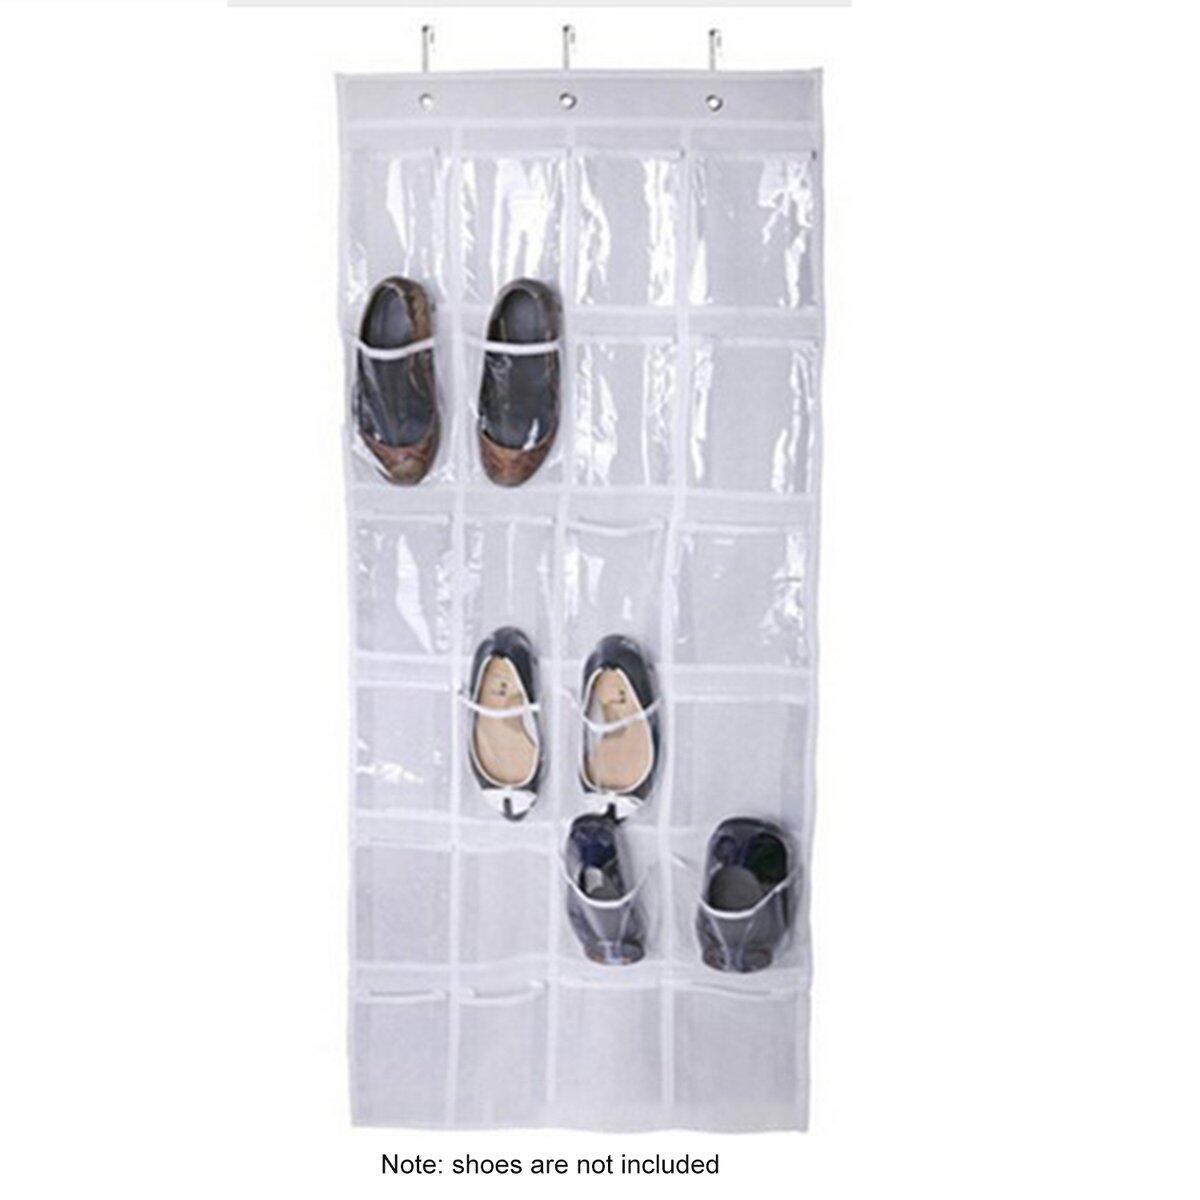 Bán Chạy Nhất 24 Lưới Giày Túi Bảo Quản Cửa Phòng Tắm Túi PVC Cửa Phía Sau Túi Treo Vật Dụng